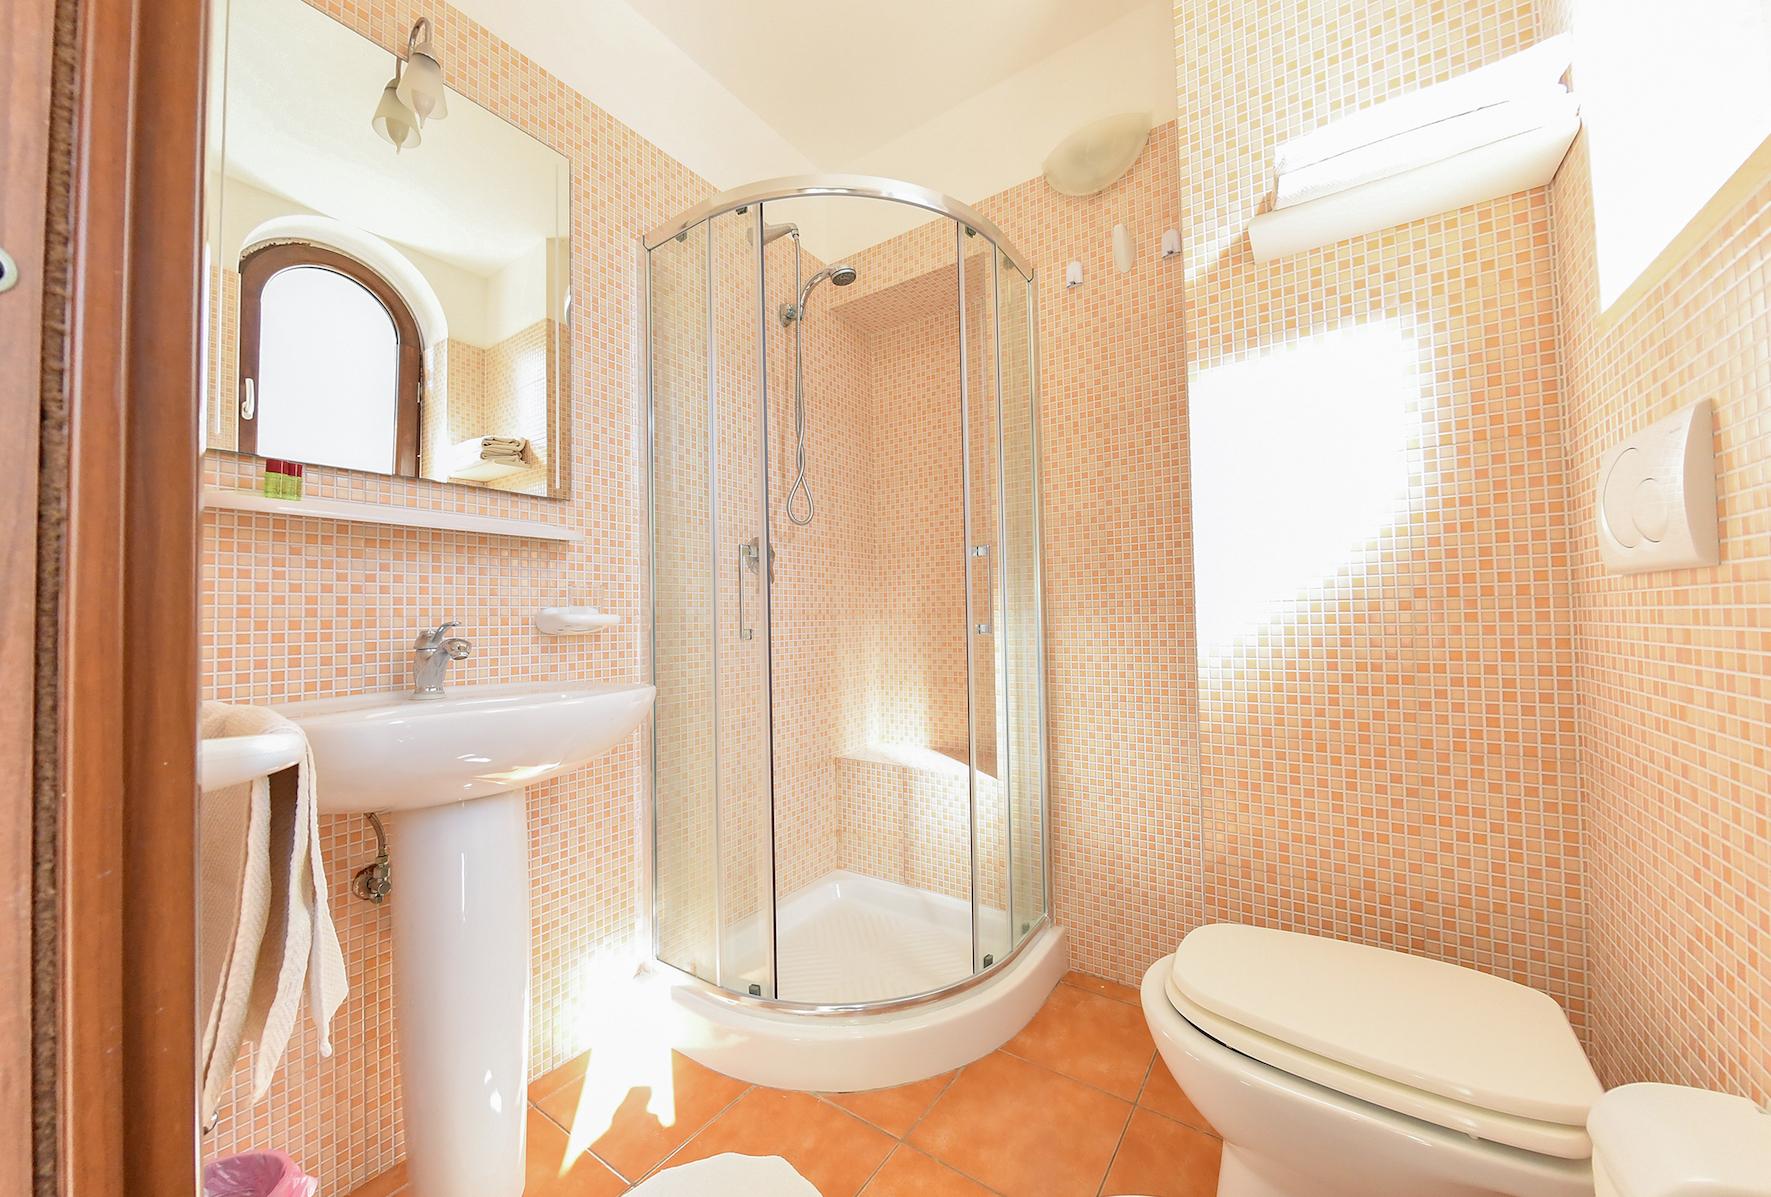 Appartamenti Lecce - Bagno